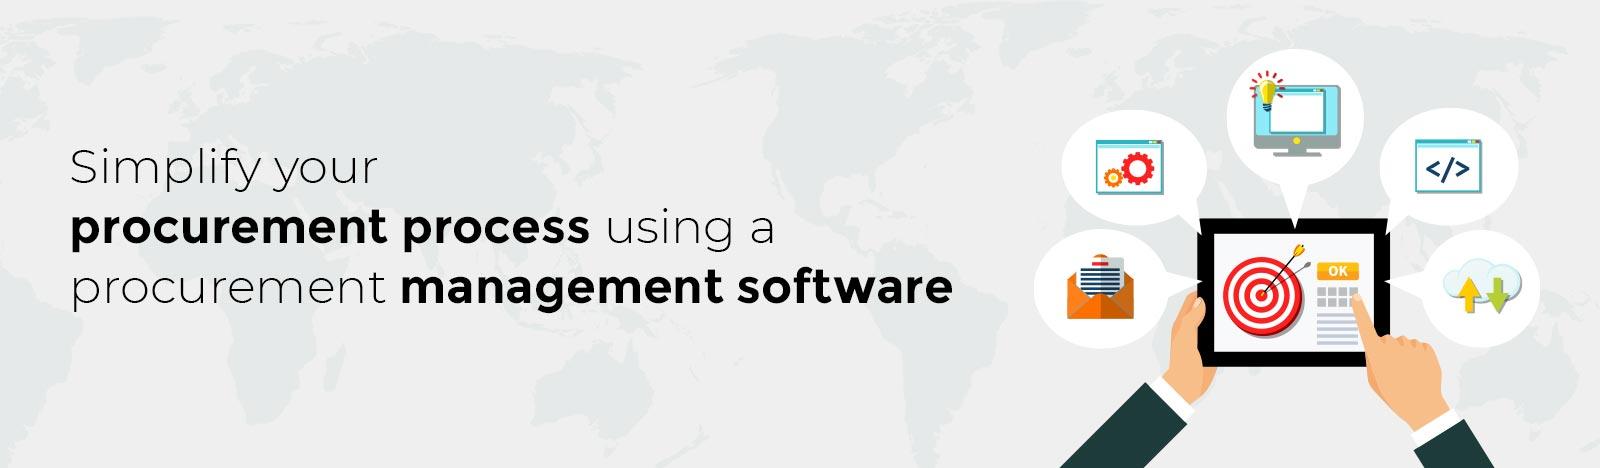 Simplify Your Procurement Process with Procurement Management Software